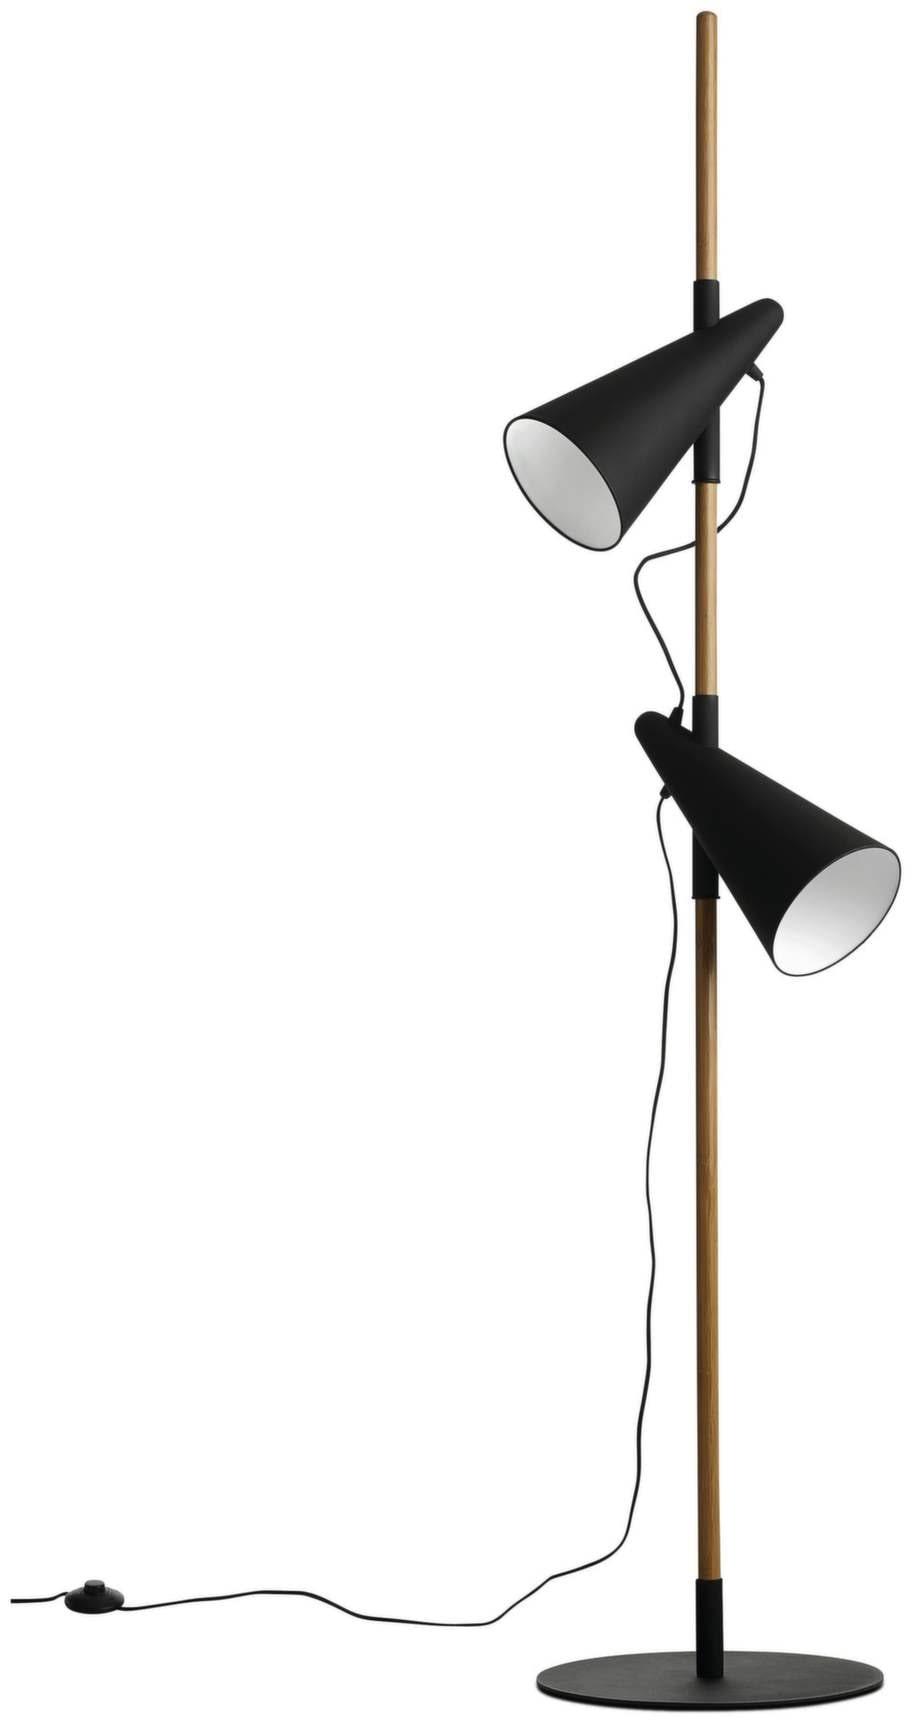 9 Golvlampa Cone, i ek med skärm och fot i svart metall, 173 centimeter hög, 4 295 kronor, Boconcept.